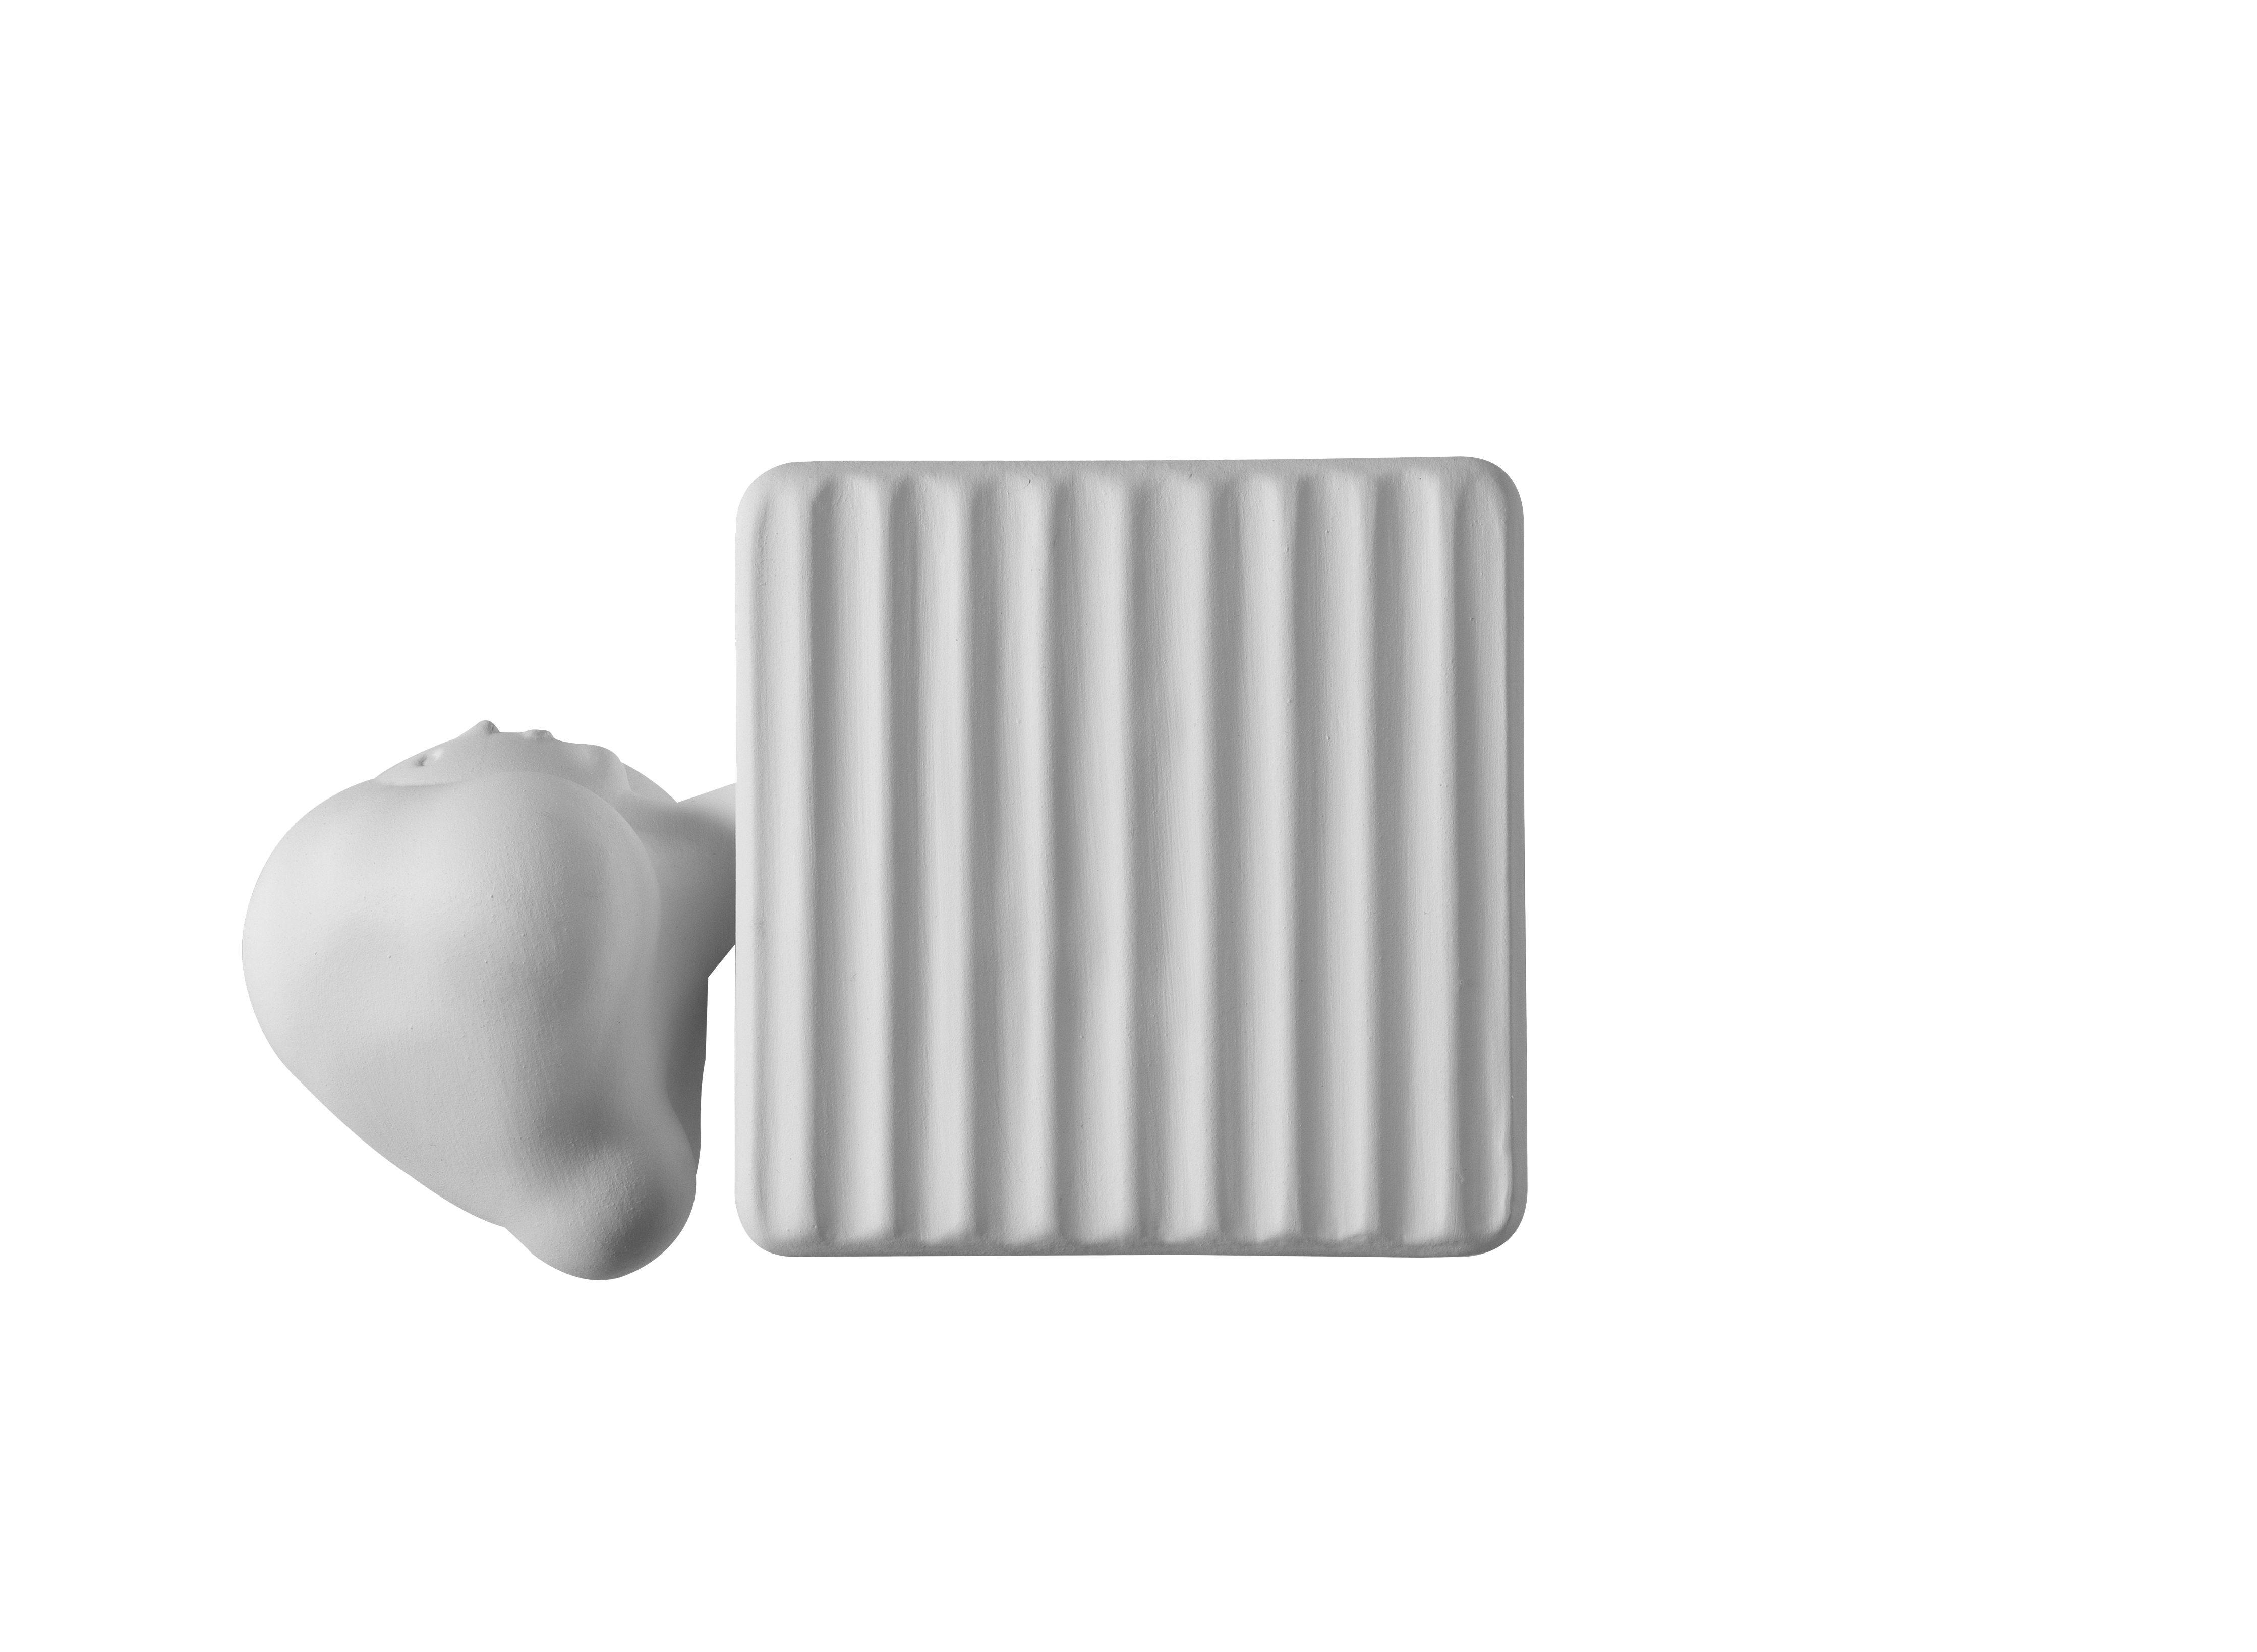 Leuchten - Wandleuchten - Binarell LED Wandleuchte / Kopf - Keramik - Karman - Kopf / Weiß - Keramik